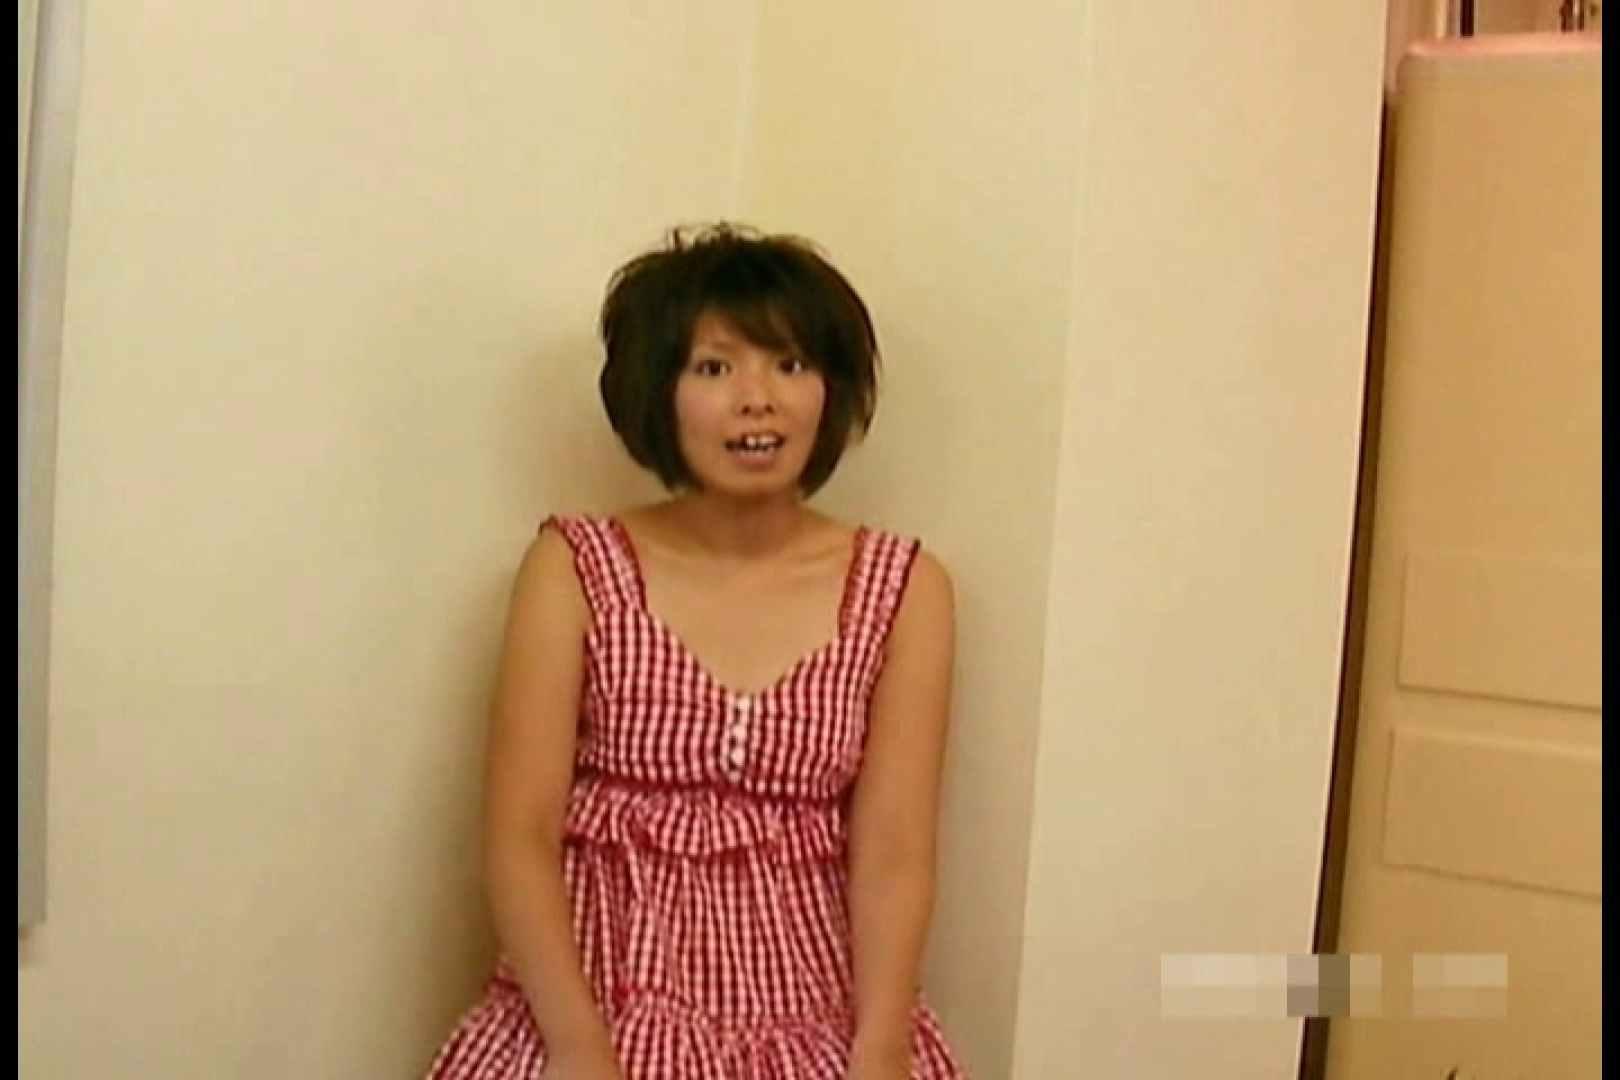 素人撮影 下着だけの撮影のはずが・・・エミちゃん18歳 おっぱい特集 盗み撮り動画 95pic 41